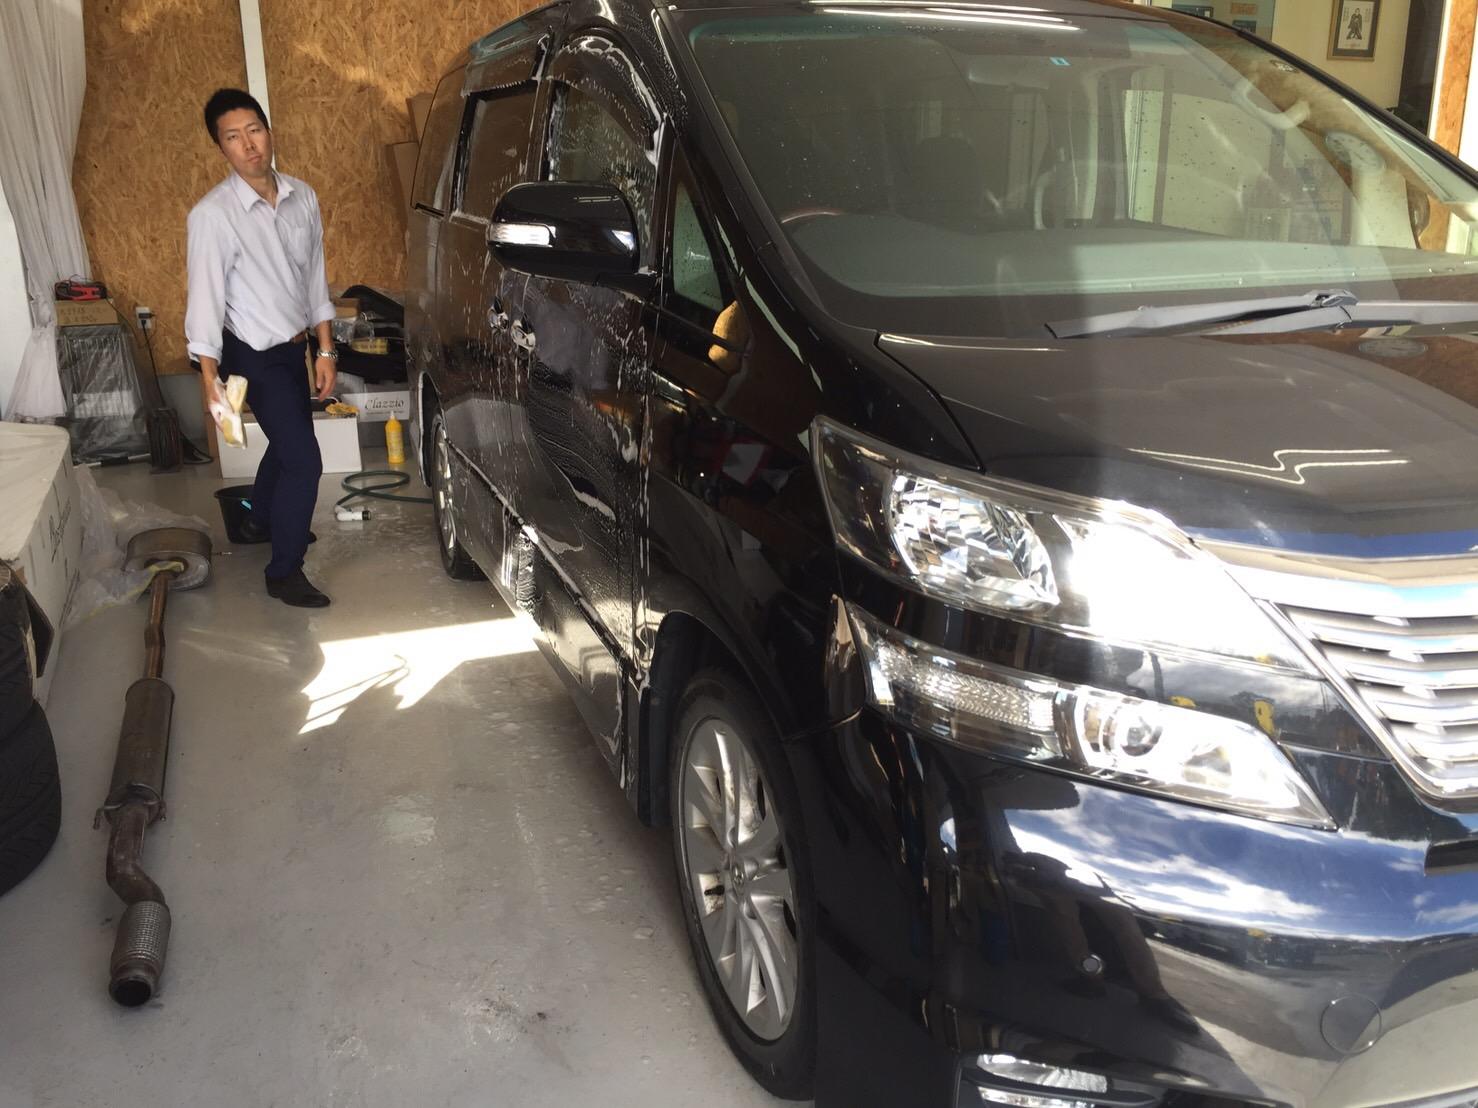 マサブロヽ(^o^)丿本日納車2台!ランクル、ハマー、アルファード_b0127002_20183221.jpg